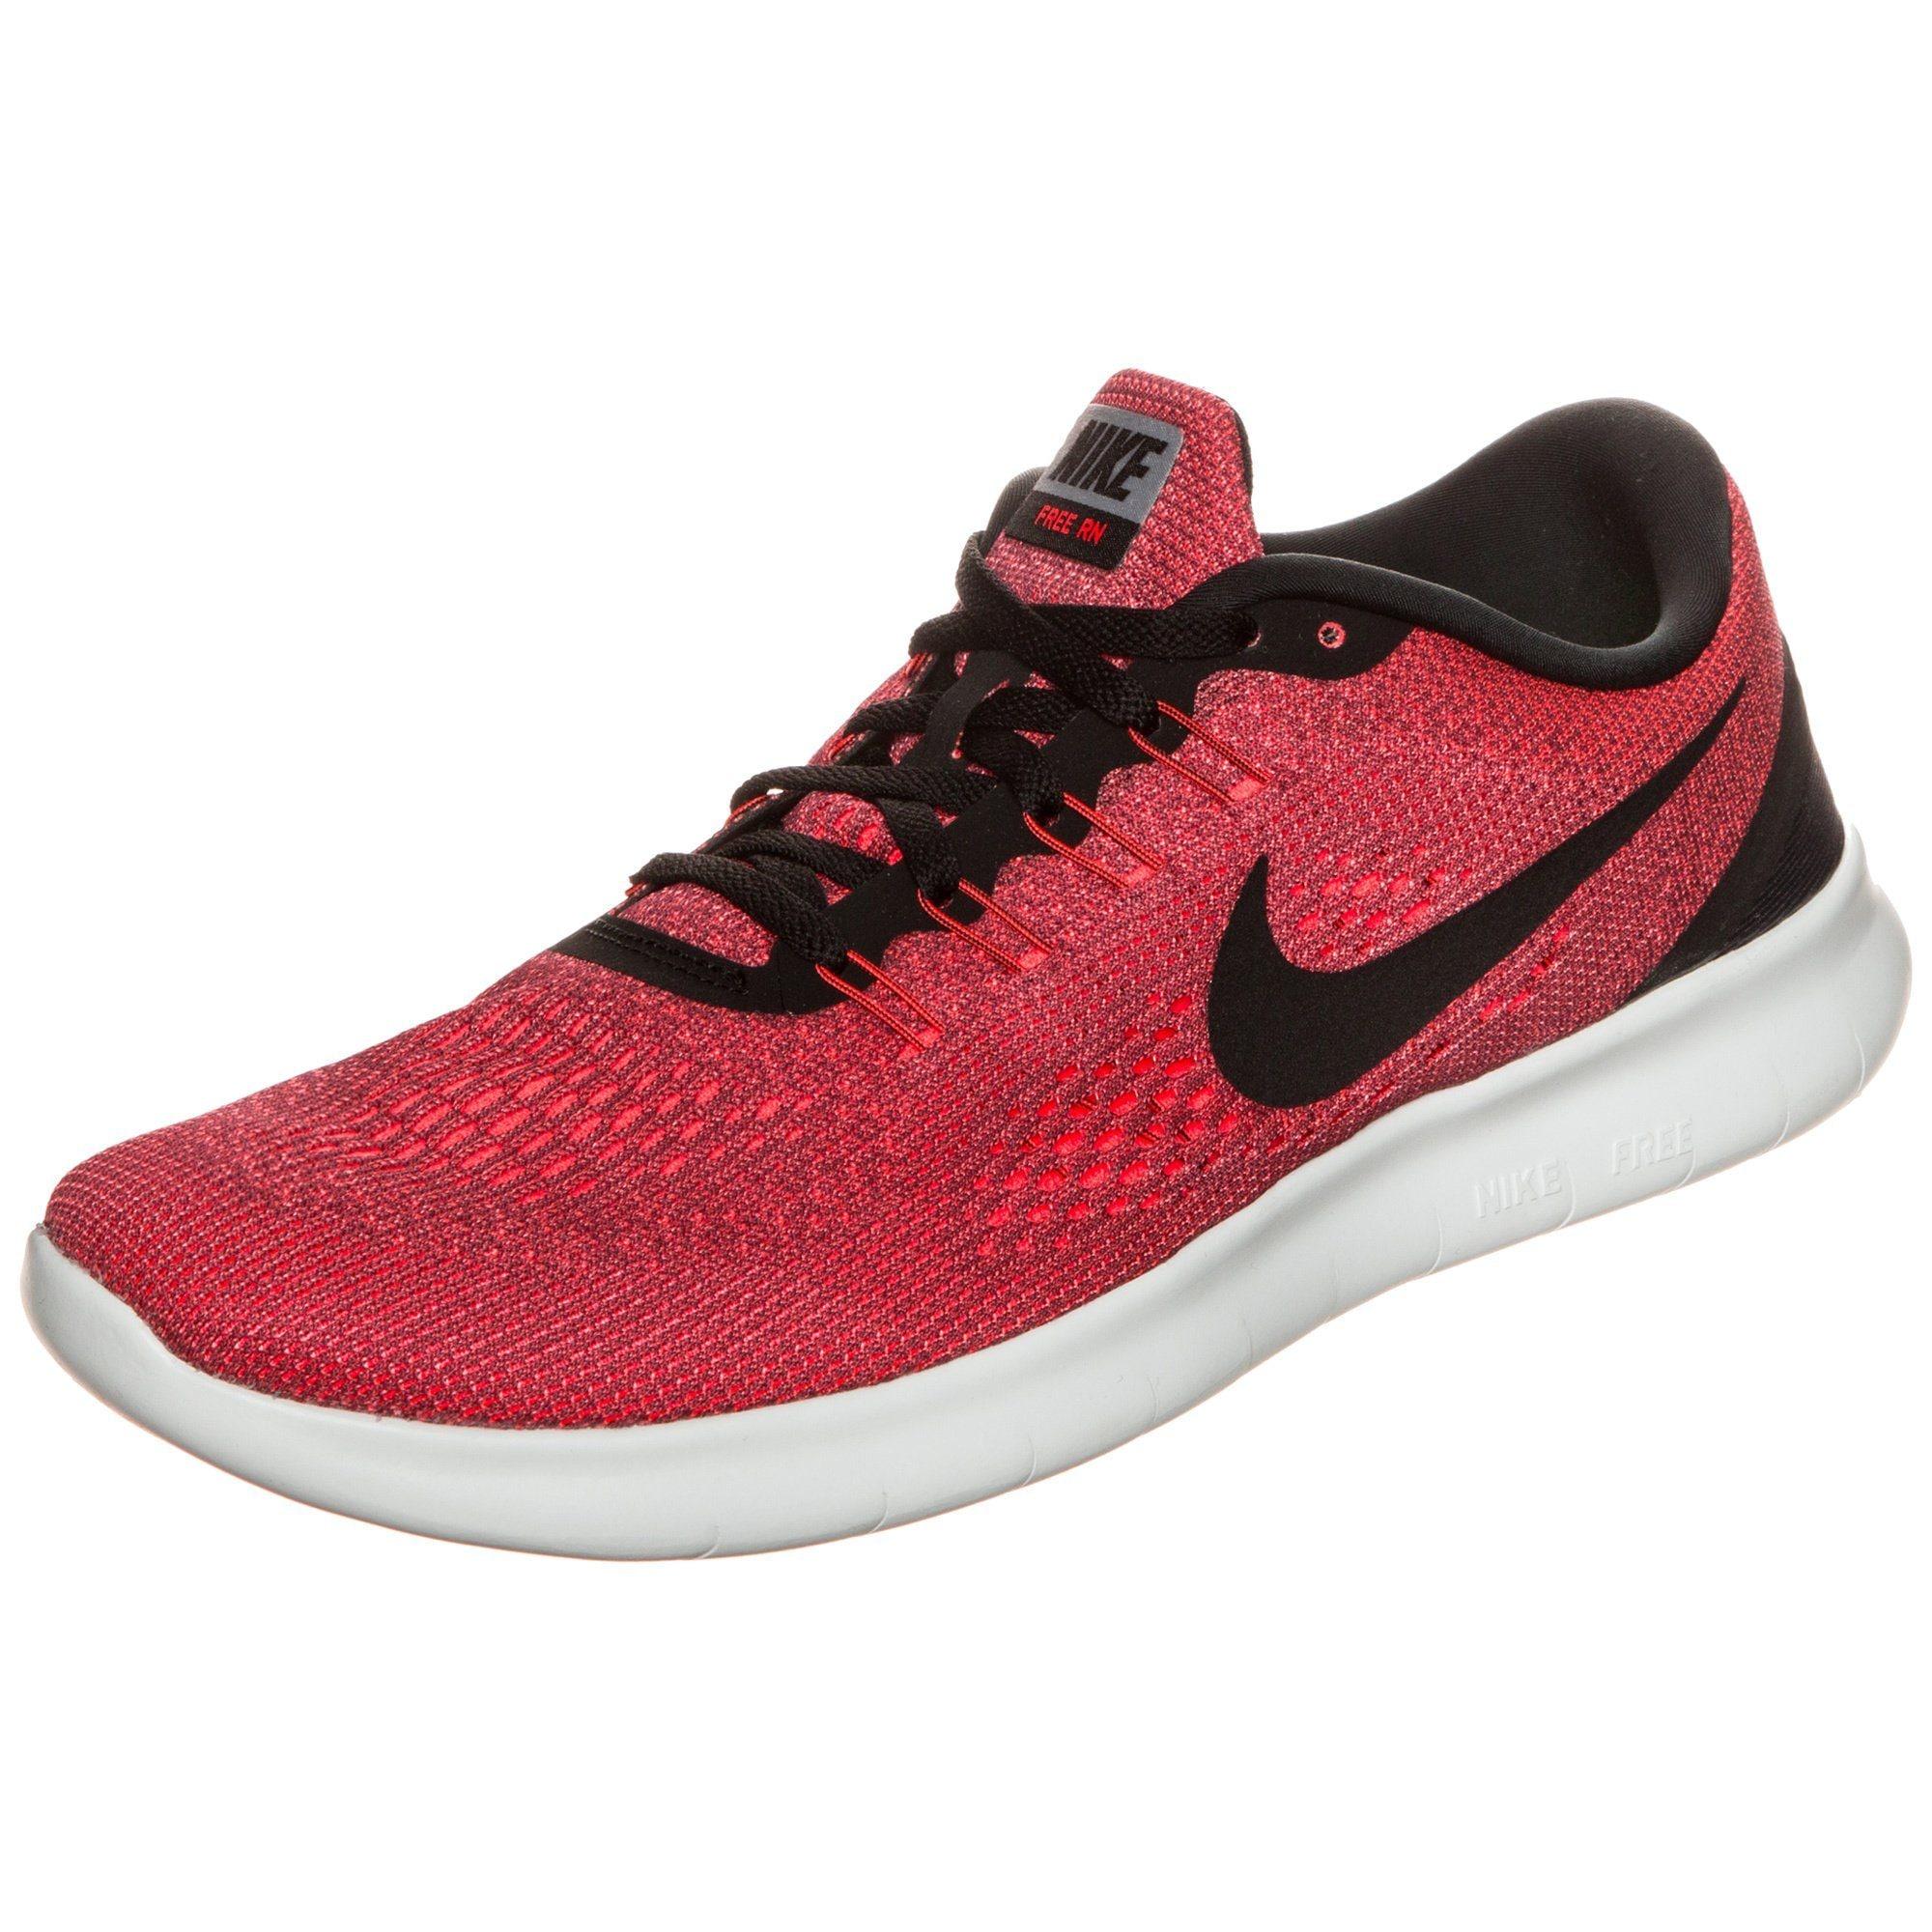 Nike Free RN Laufschuh Herren per Rechnung | Gutes Preis-Leistungs-Verhältnis, es lohnt sich